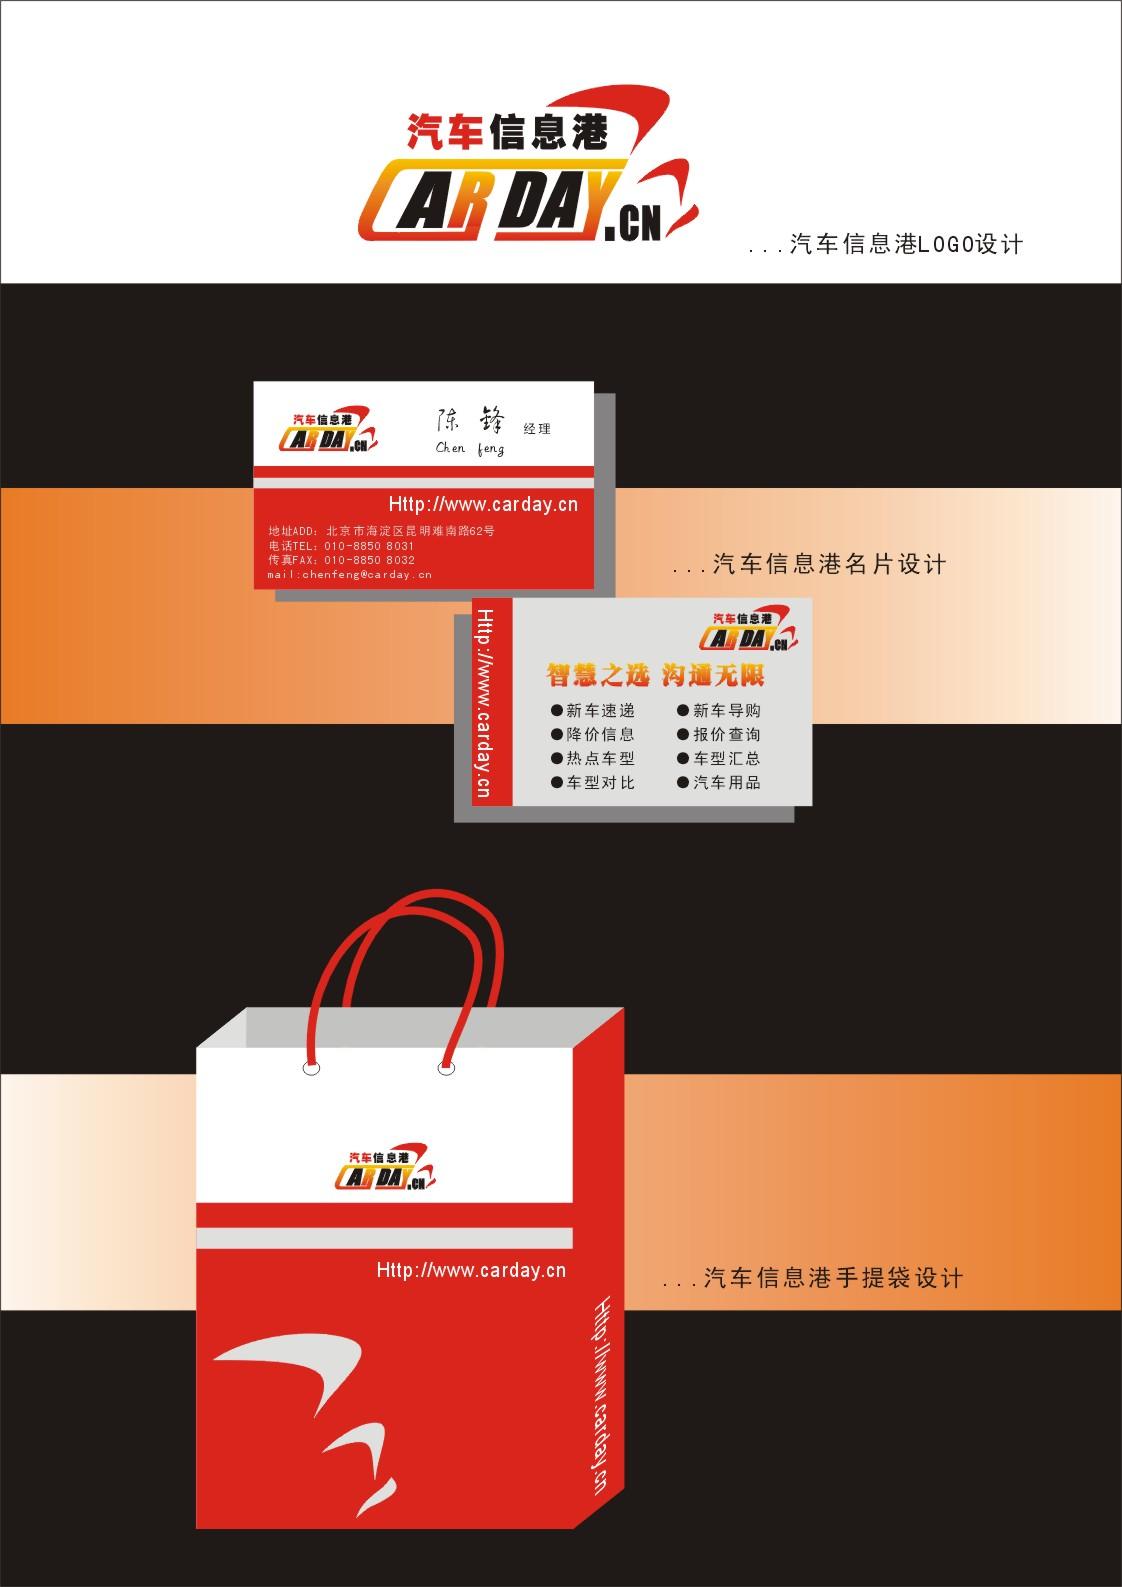 汽车信息港logo及山东车友会车标 2000元 K68威客任务高清图片